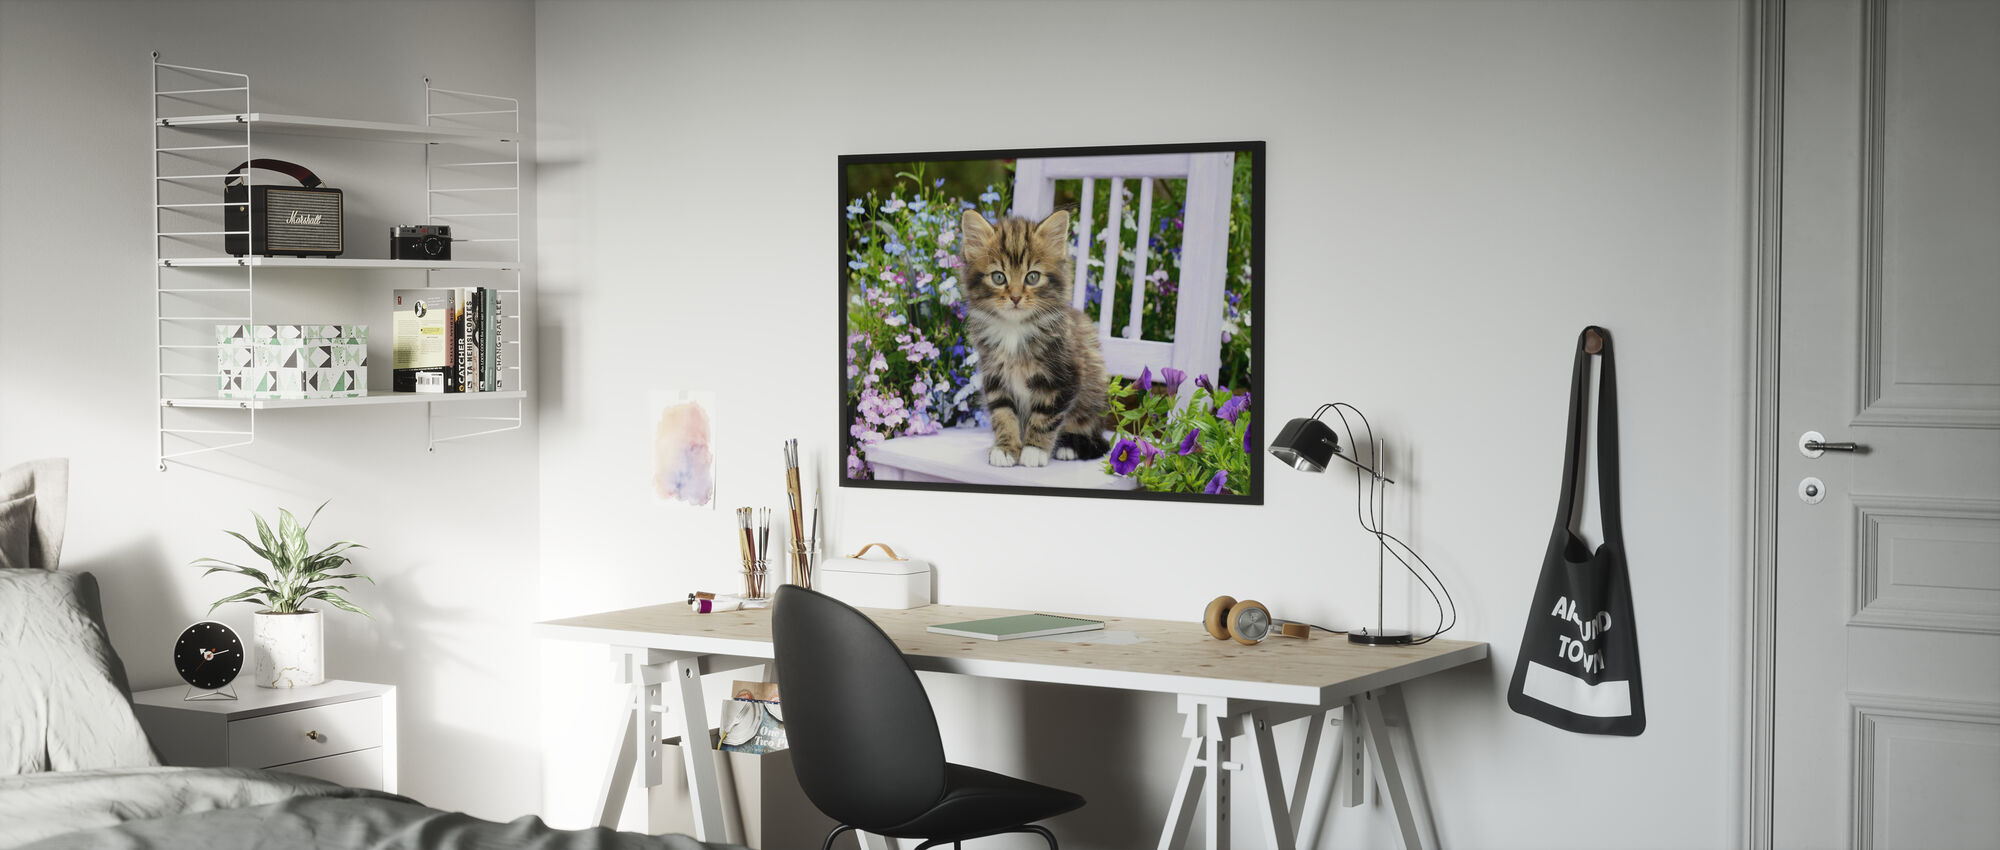 Outdoor Kitten - Poster - Kids Room